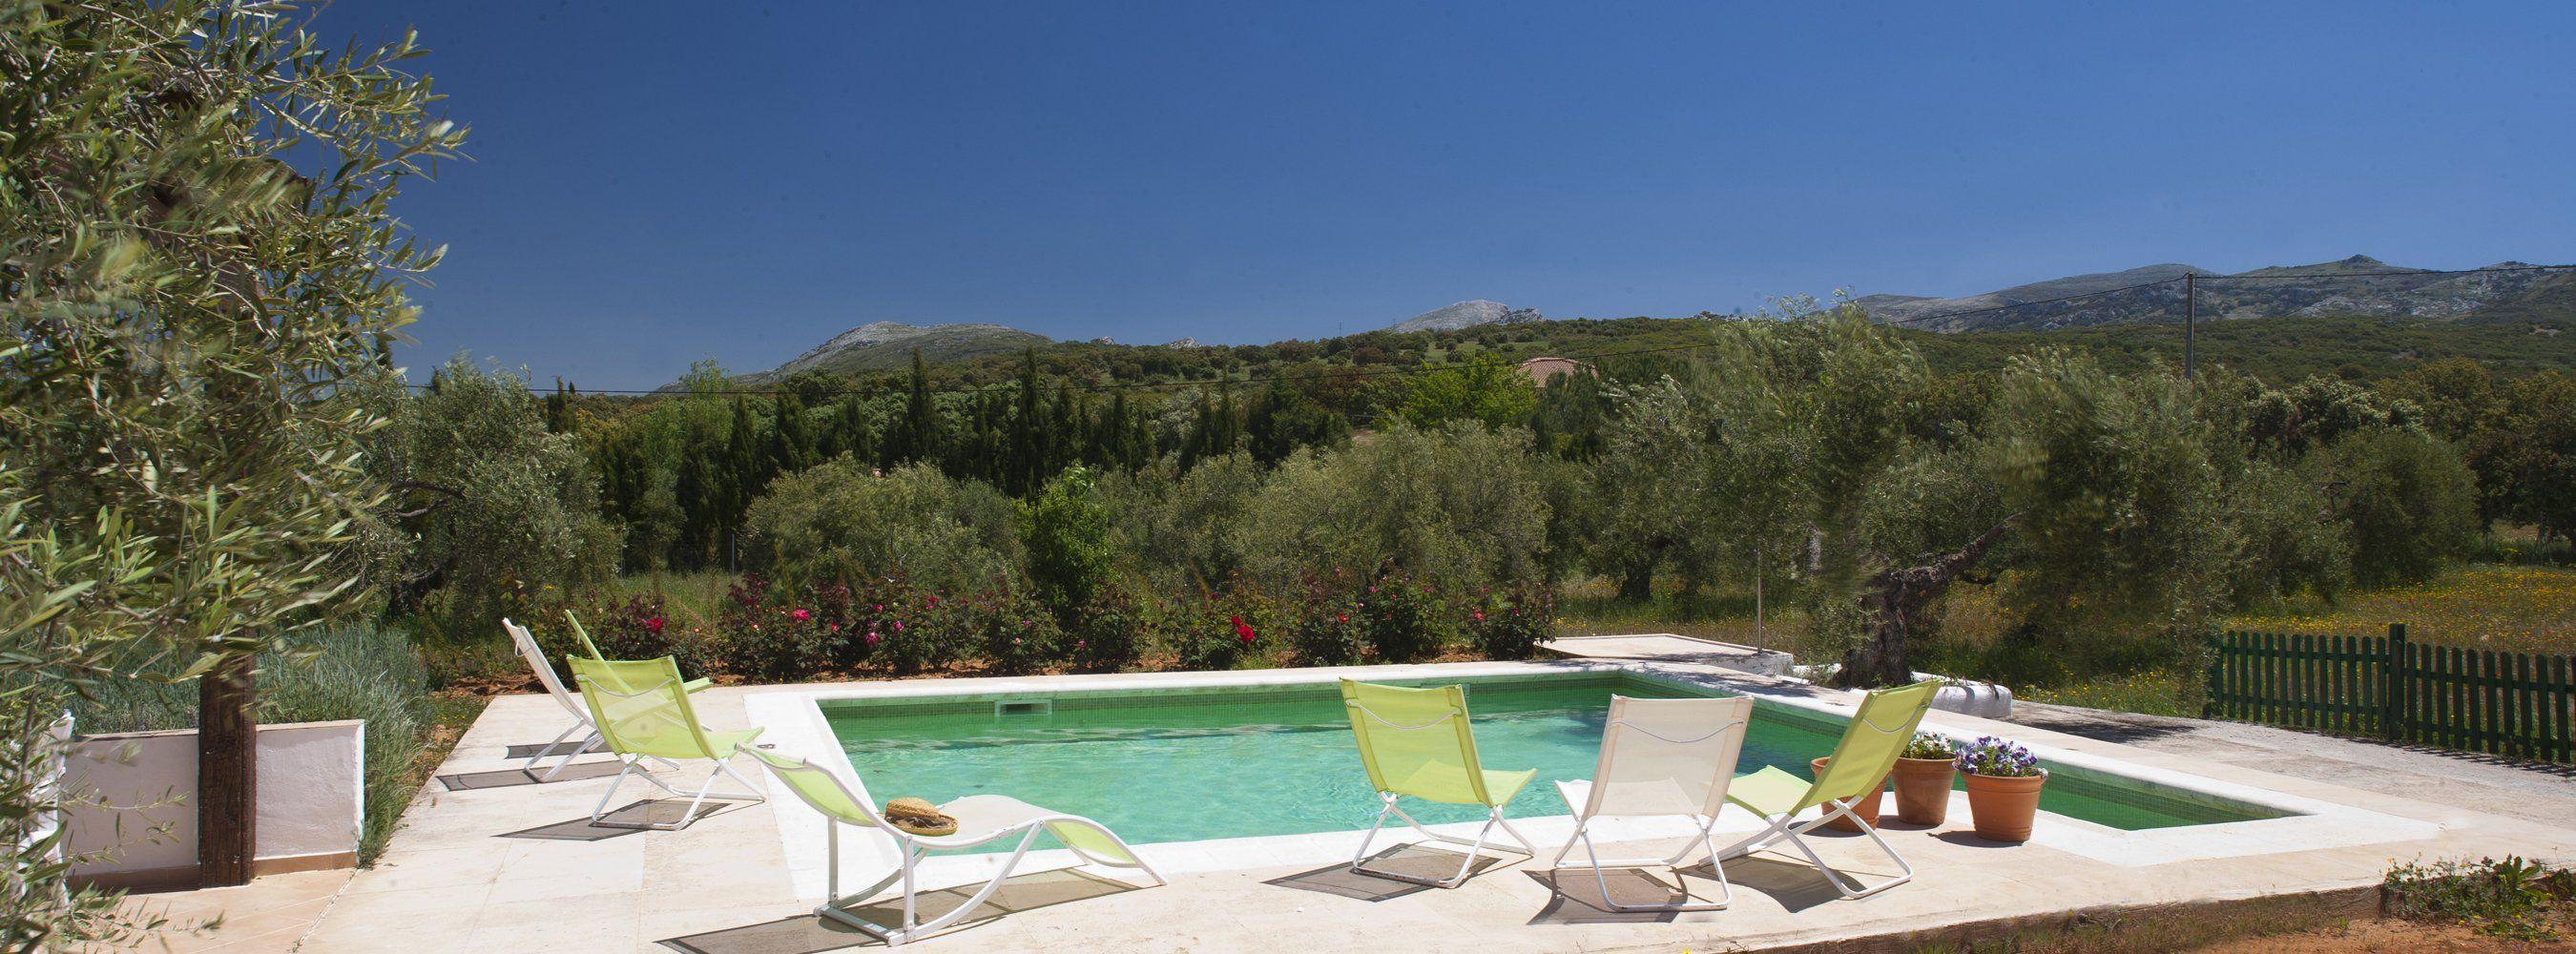 swimming pool villa andalucia